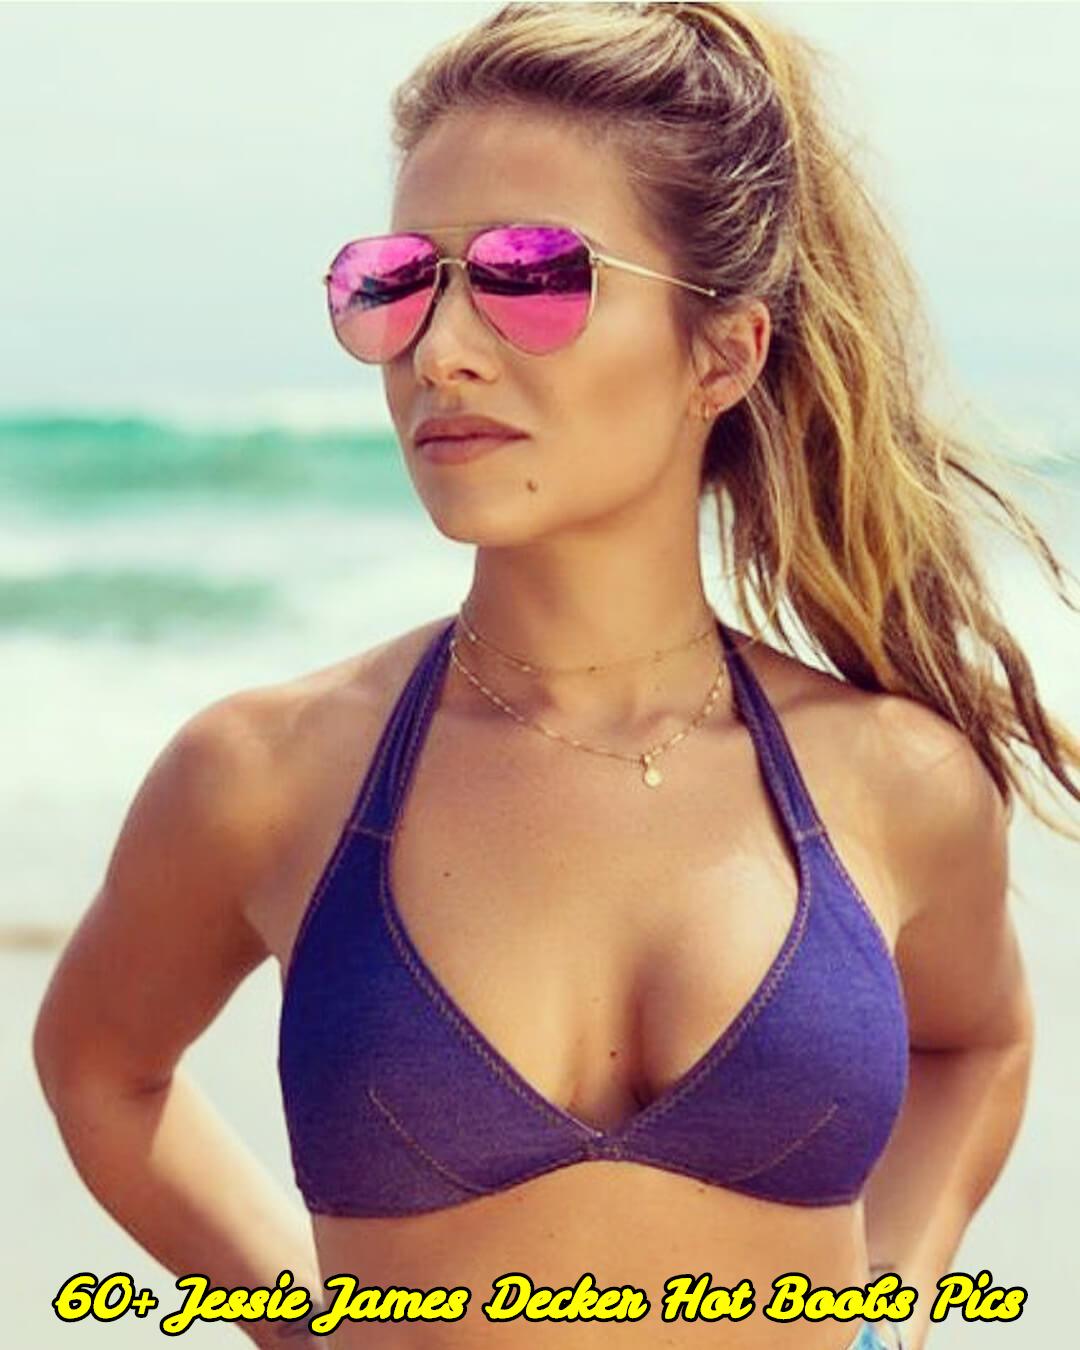 Jessie James Decker hot boobs pics